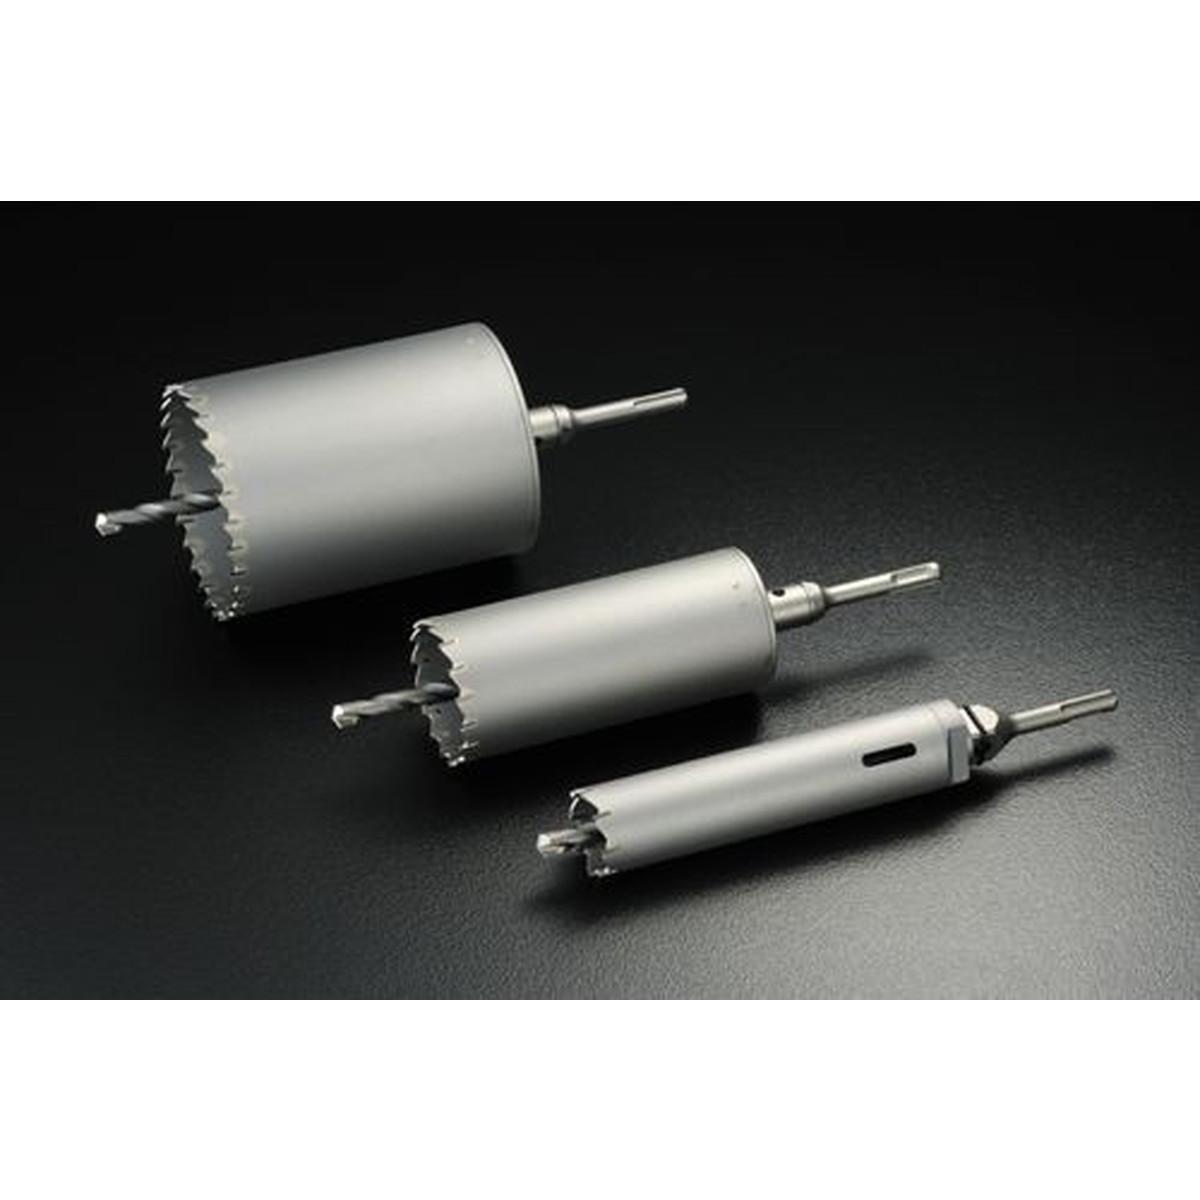 ユニカ(unika) 単機能コアドリルE&S(イーエス) 乾式ダイヤ SDSシャンク ES-D38SDS